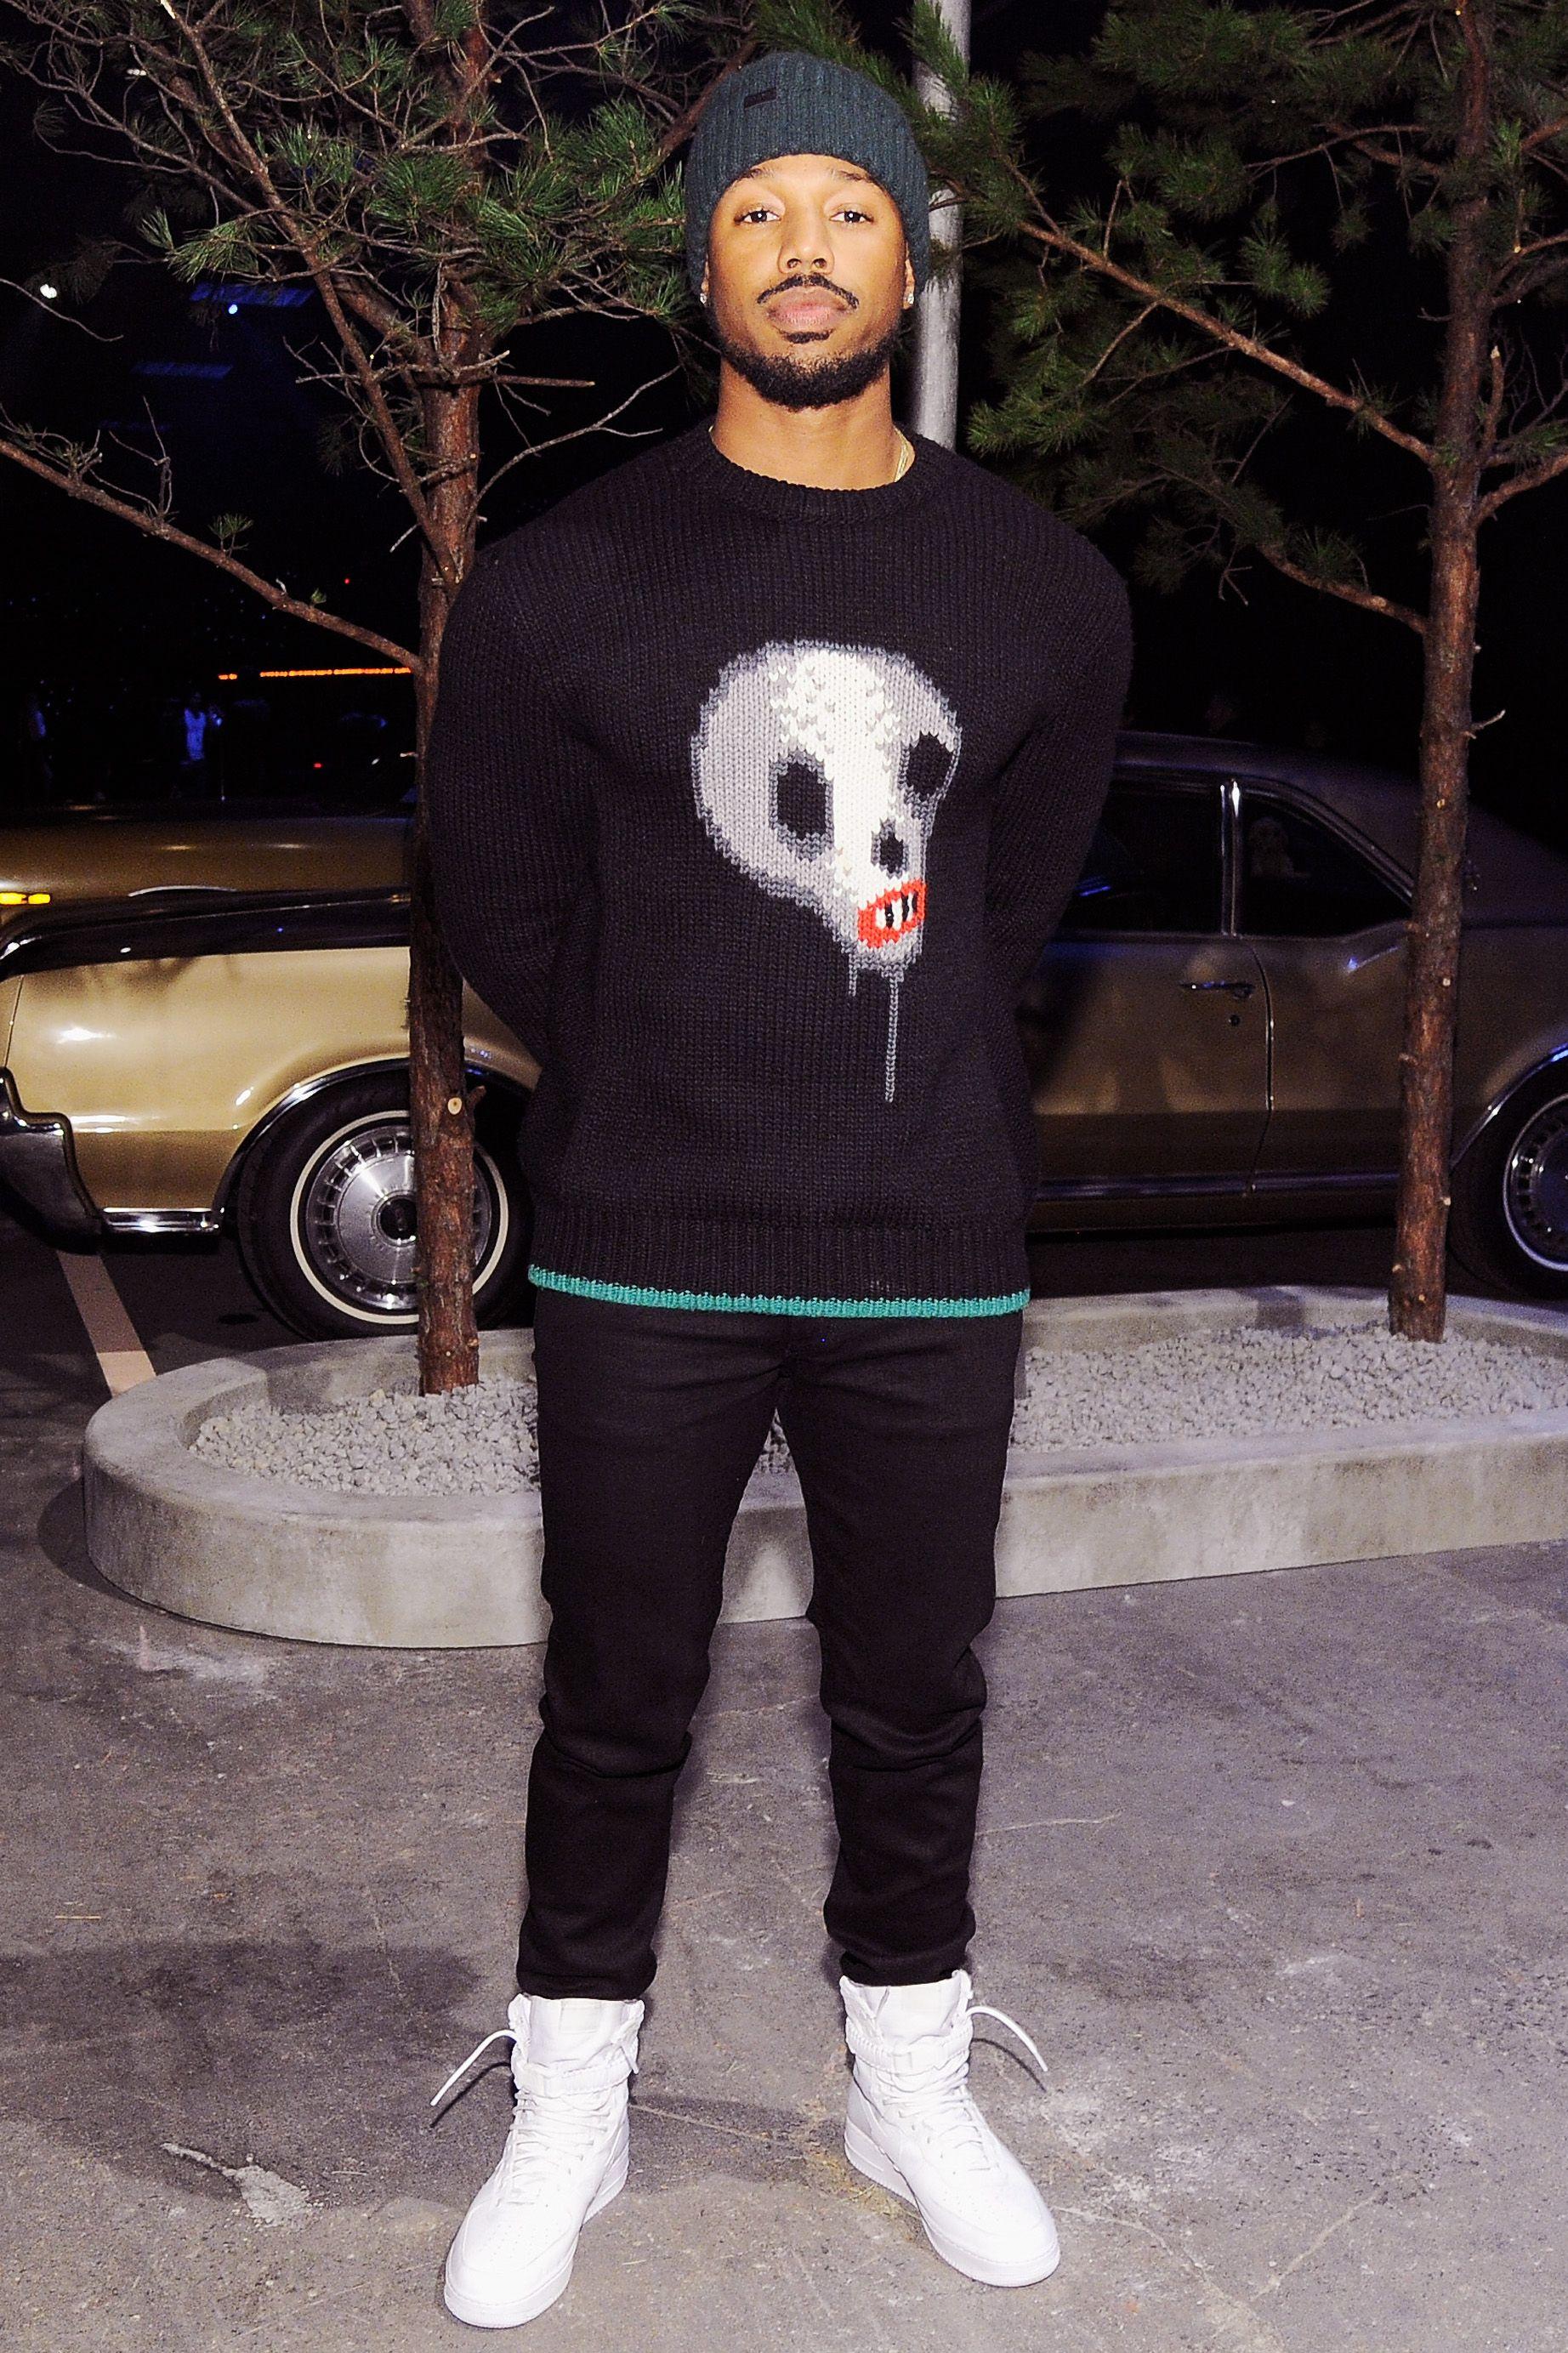 We Should All Rock Standout Knitwear Like Michael B Jordan